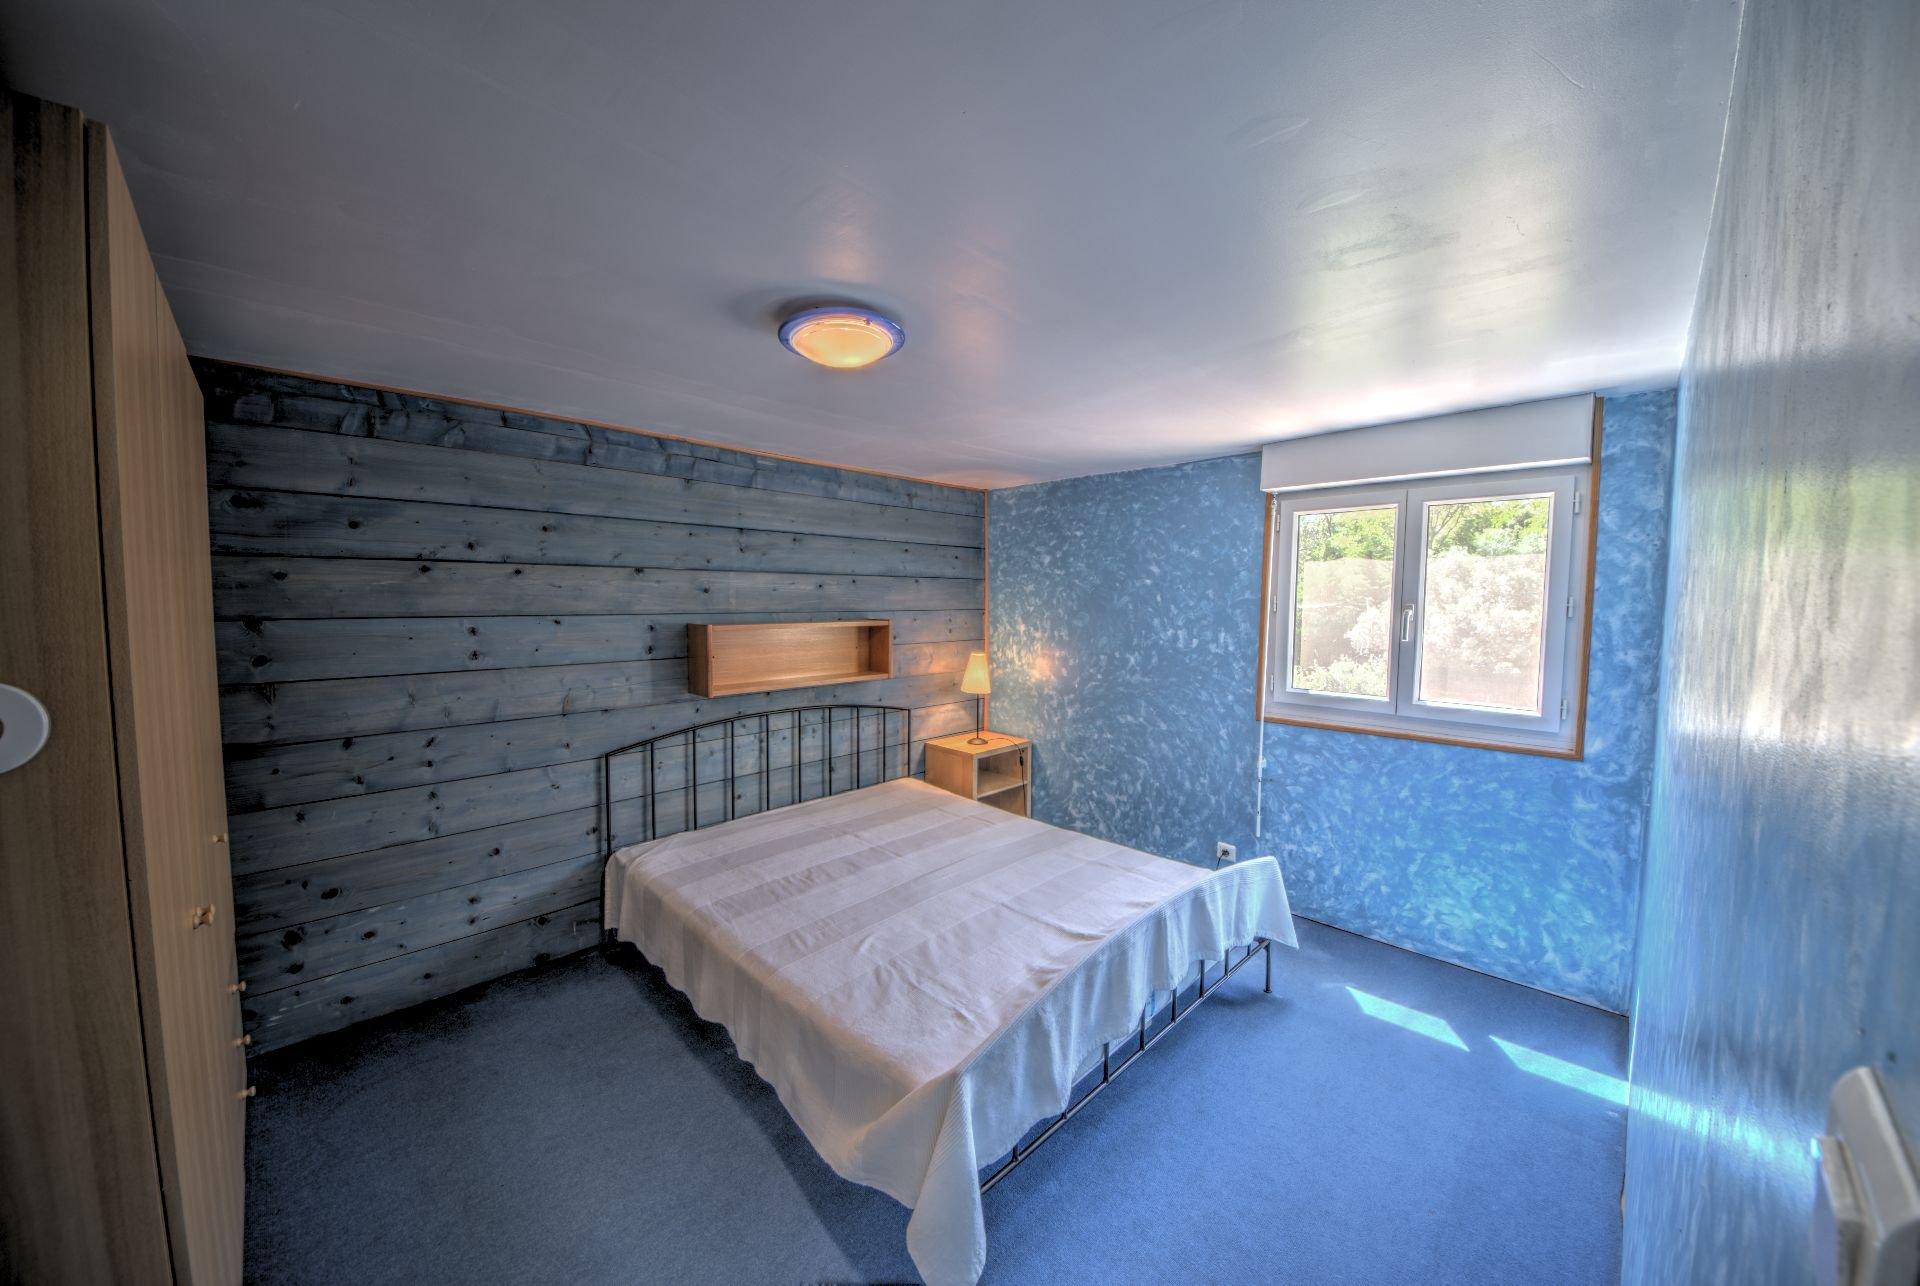 Chambre 5 1er étage de Maison à ossature bois HPE, 180 m², 5 ch, piscine, Aups, Var, Provence, Paca